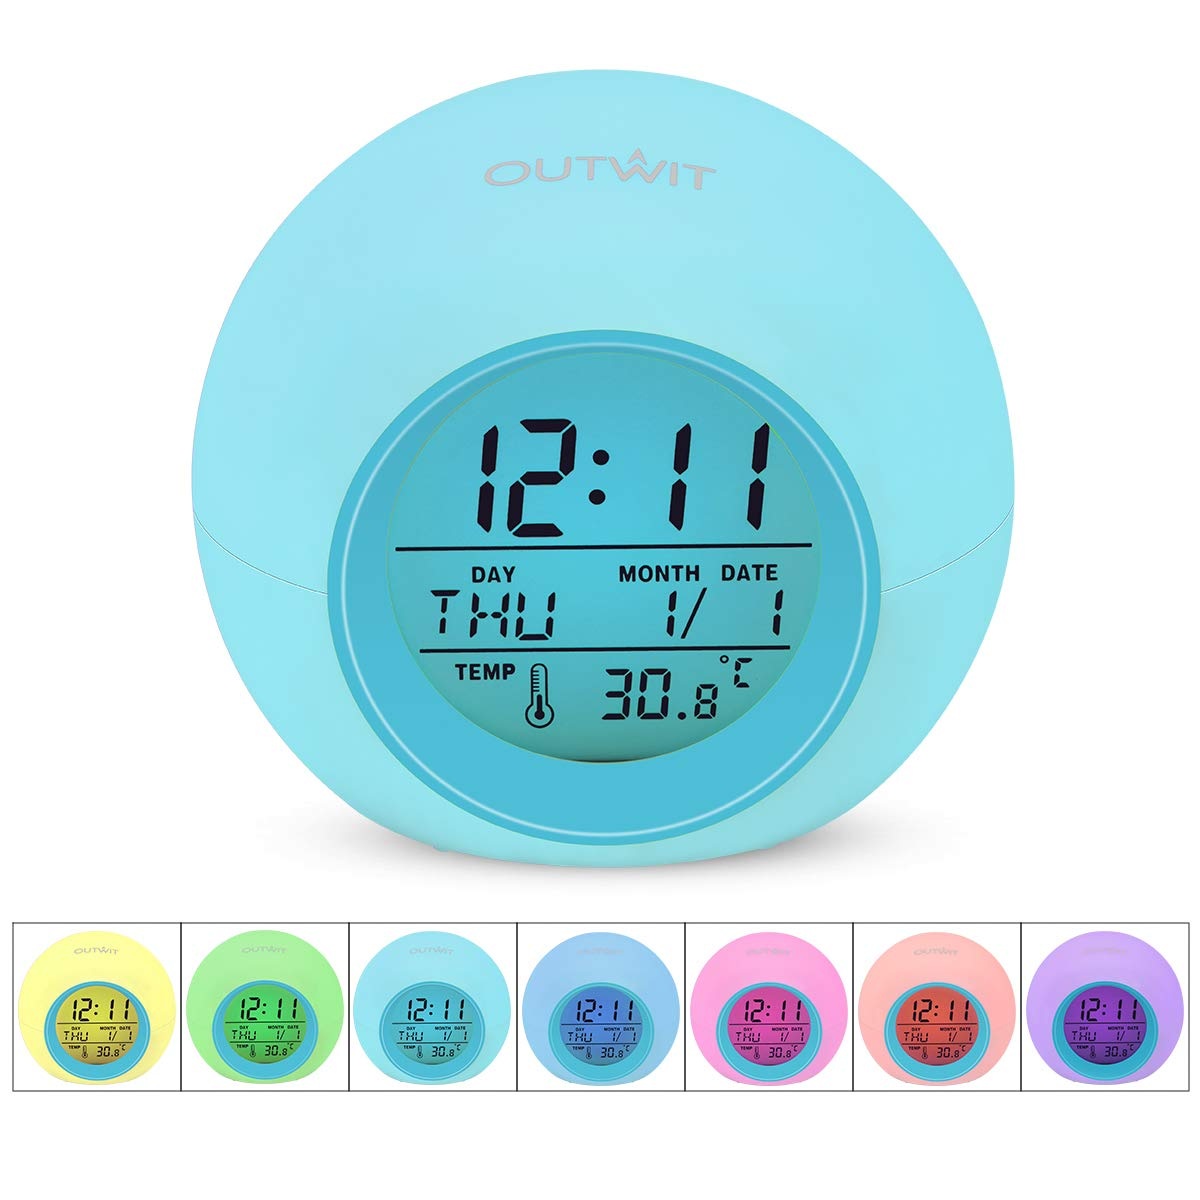 7 Farben /ändern Wecker OUTWIT Digital Kinderwecker batteriebetrieben mit Innentemperaturanzeige f/ür Kinder,Home,Office 8 Klingelt/öne,12//24 Stunden,One-Tap-Control Blau